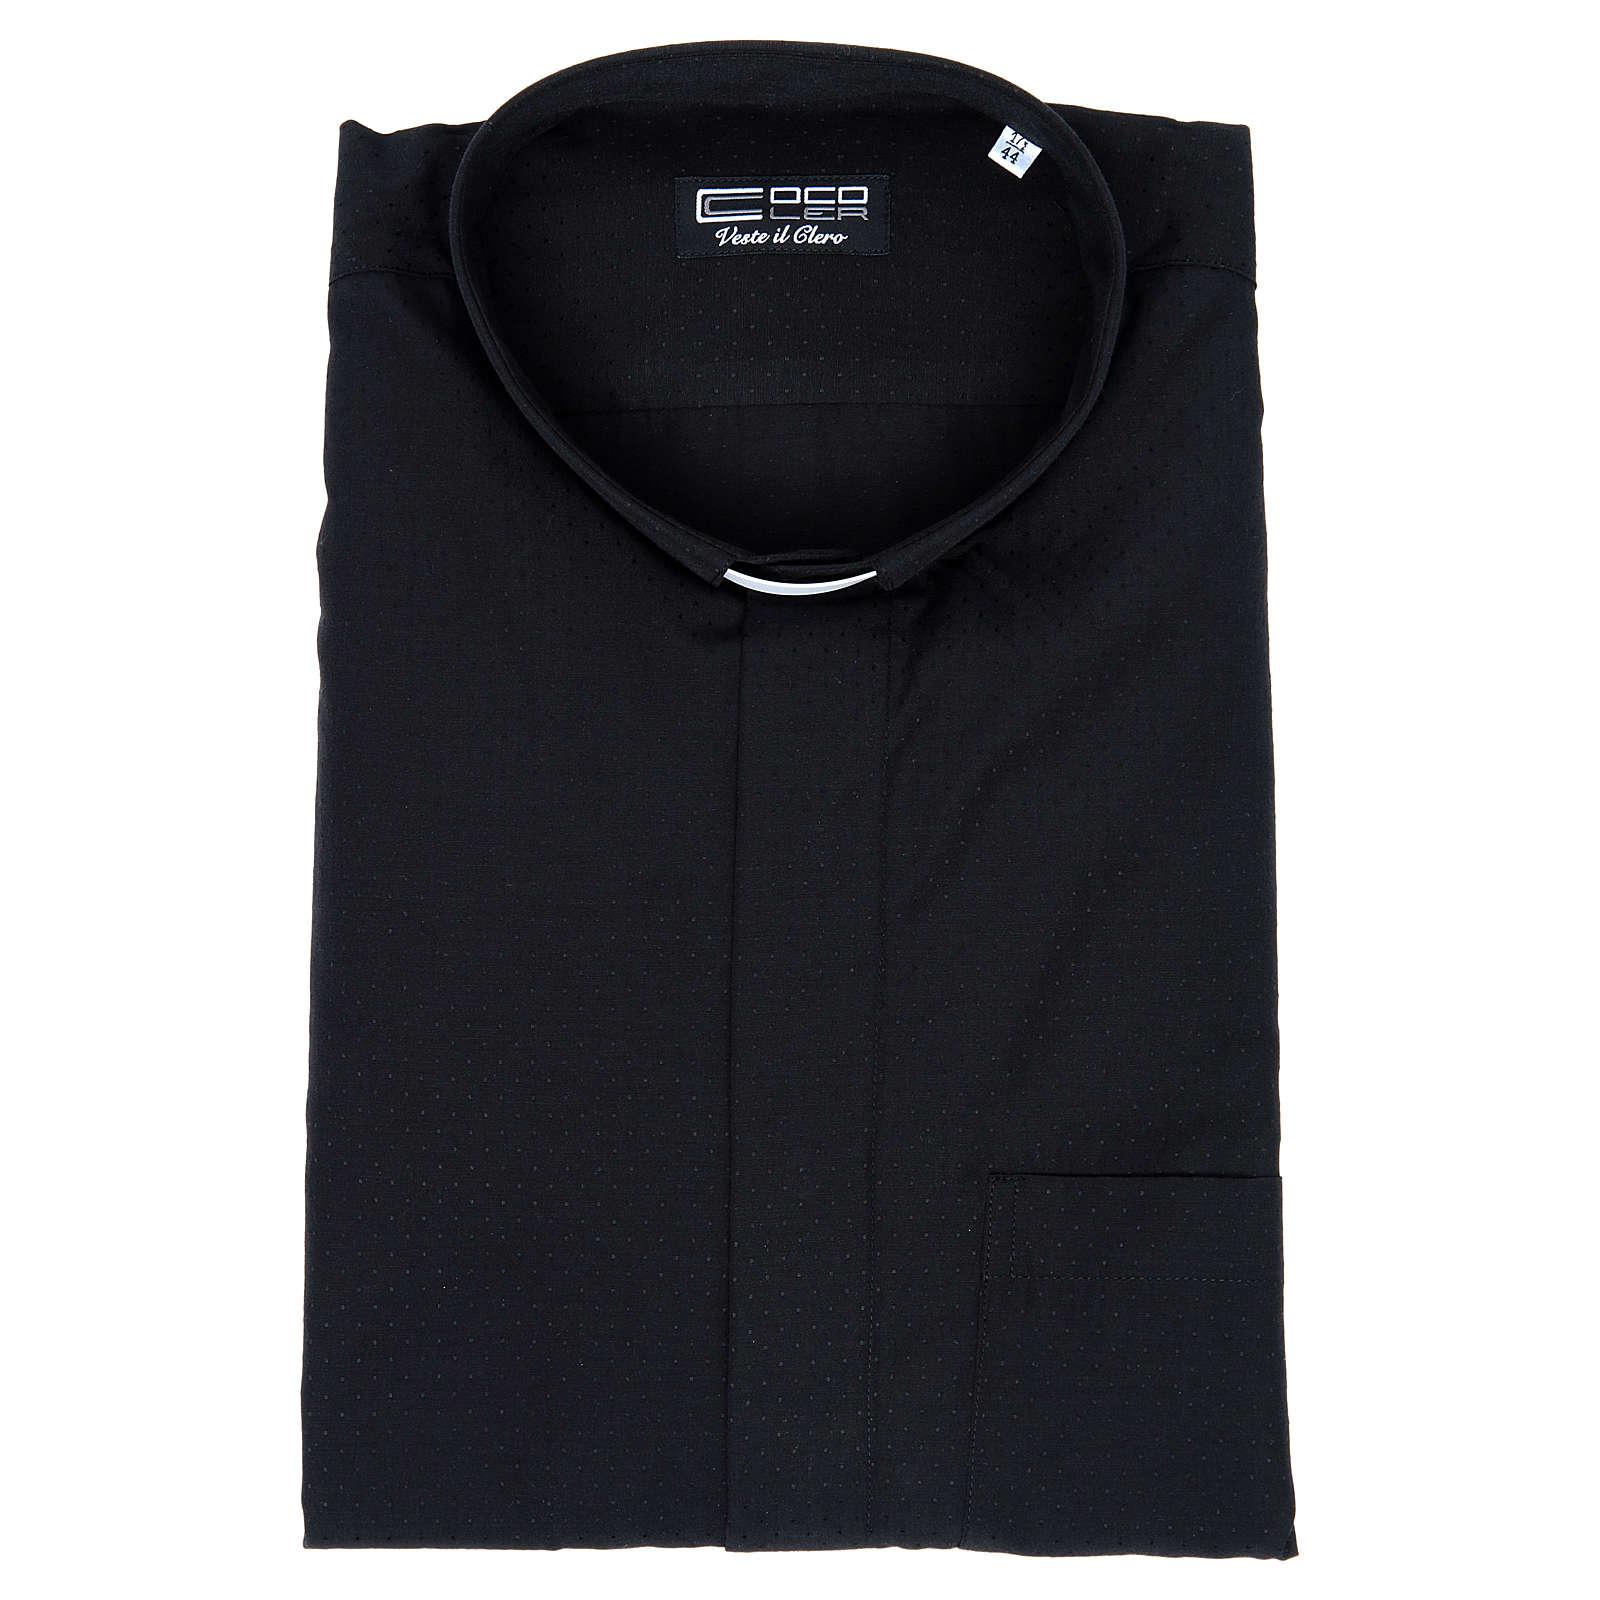 Koszula kapłańska bawełna poliester czarna krótki rękaw 4